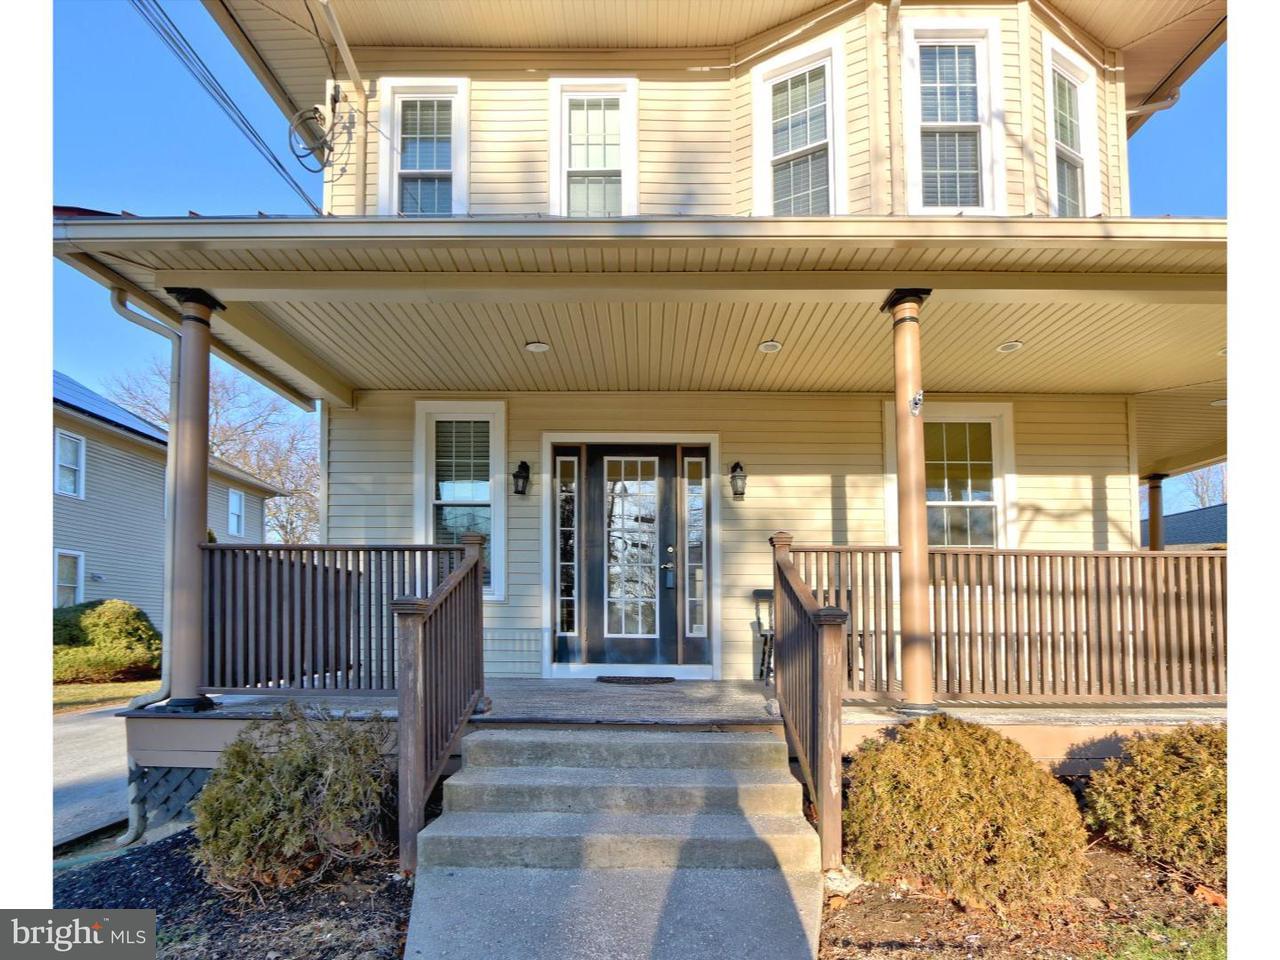 Частный односемейный дом для того Аренда на 209 WHITE HORSE PIKE Haddon Heights, Нью-Джерси 08035 Соединенные Штаты